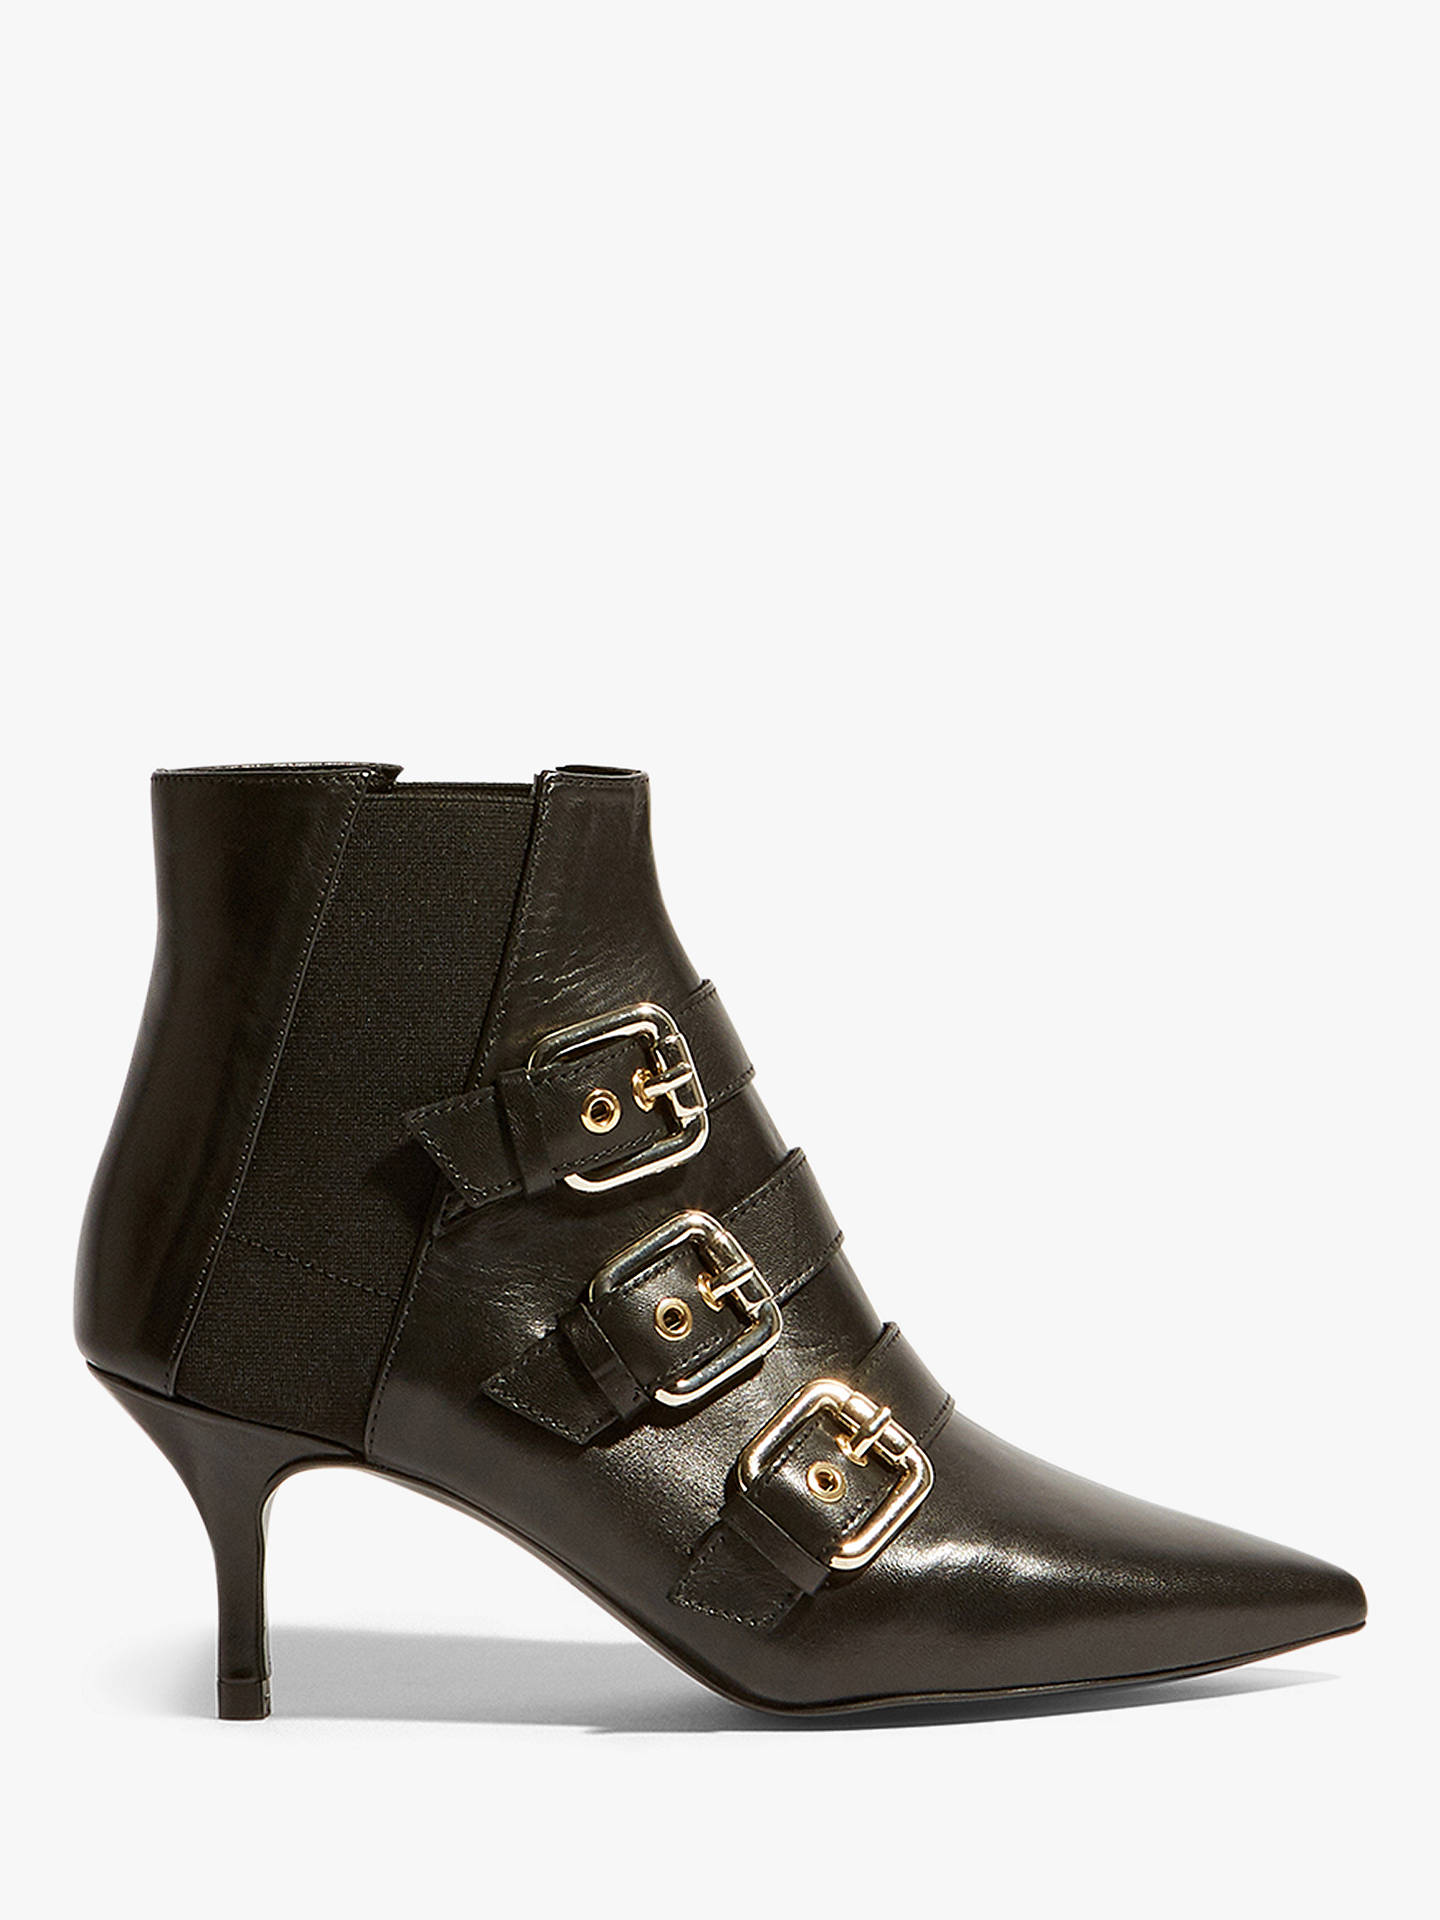 d616878634e519 Buy Karen Millen Buckle Detail Kitten Heel Ankle Boots